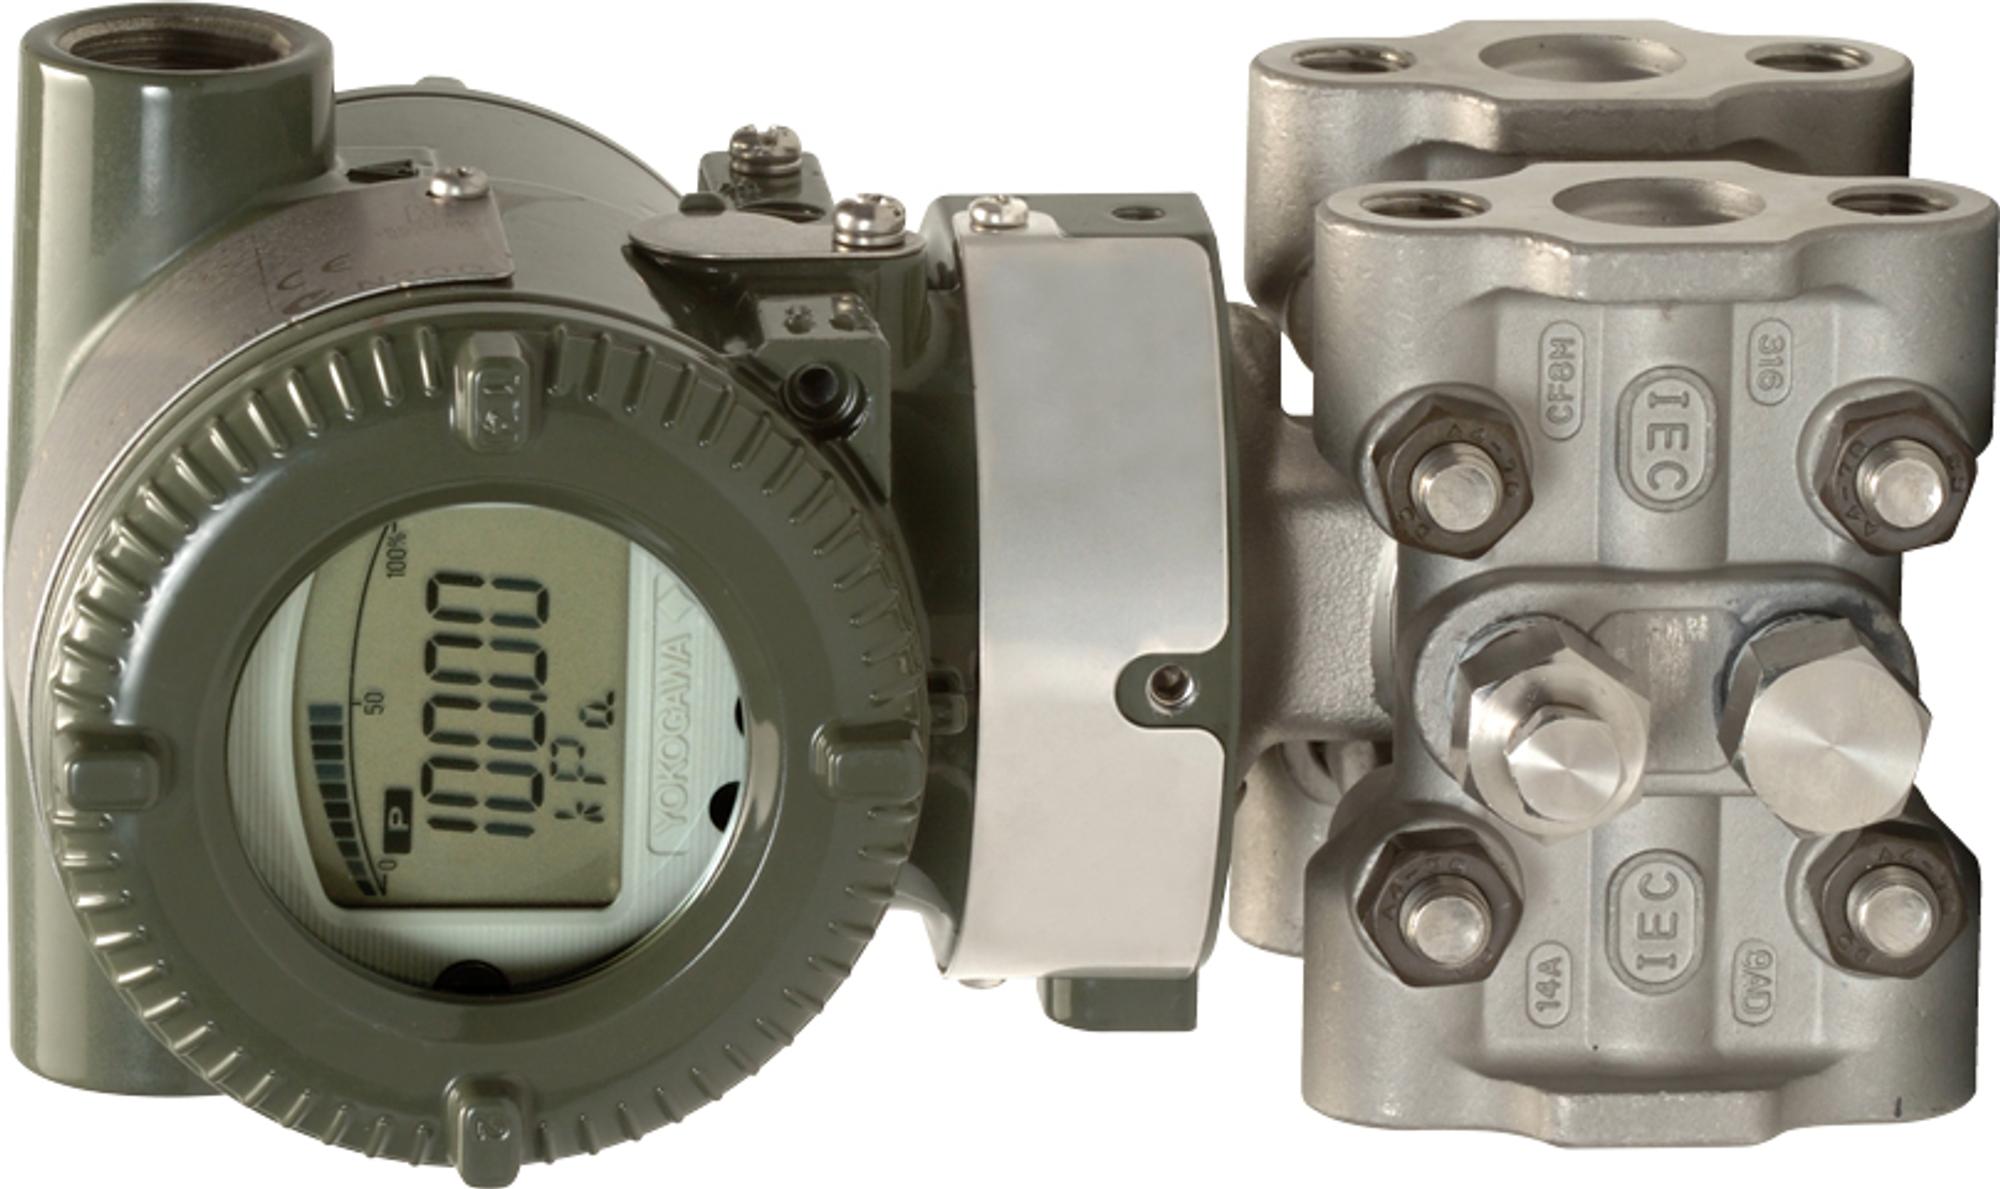 Trykk- og DP-transmitter med måleteknologi som ikke skal påvirkes av endringer i statisk trykk eller temperatur.